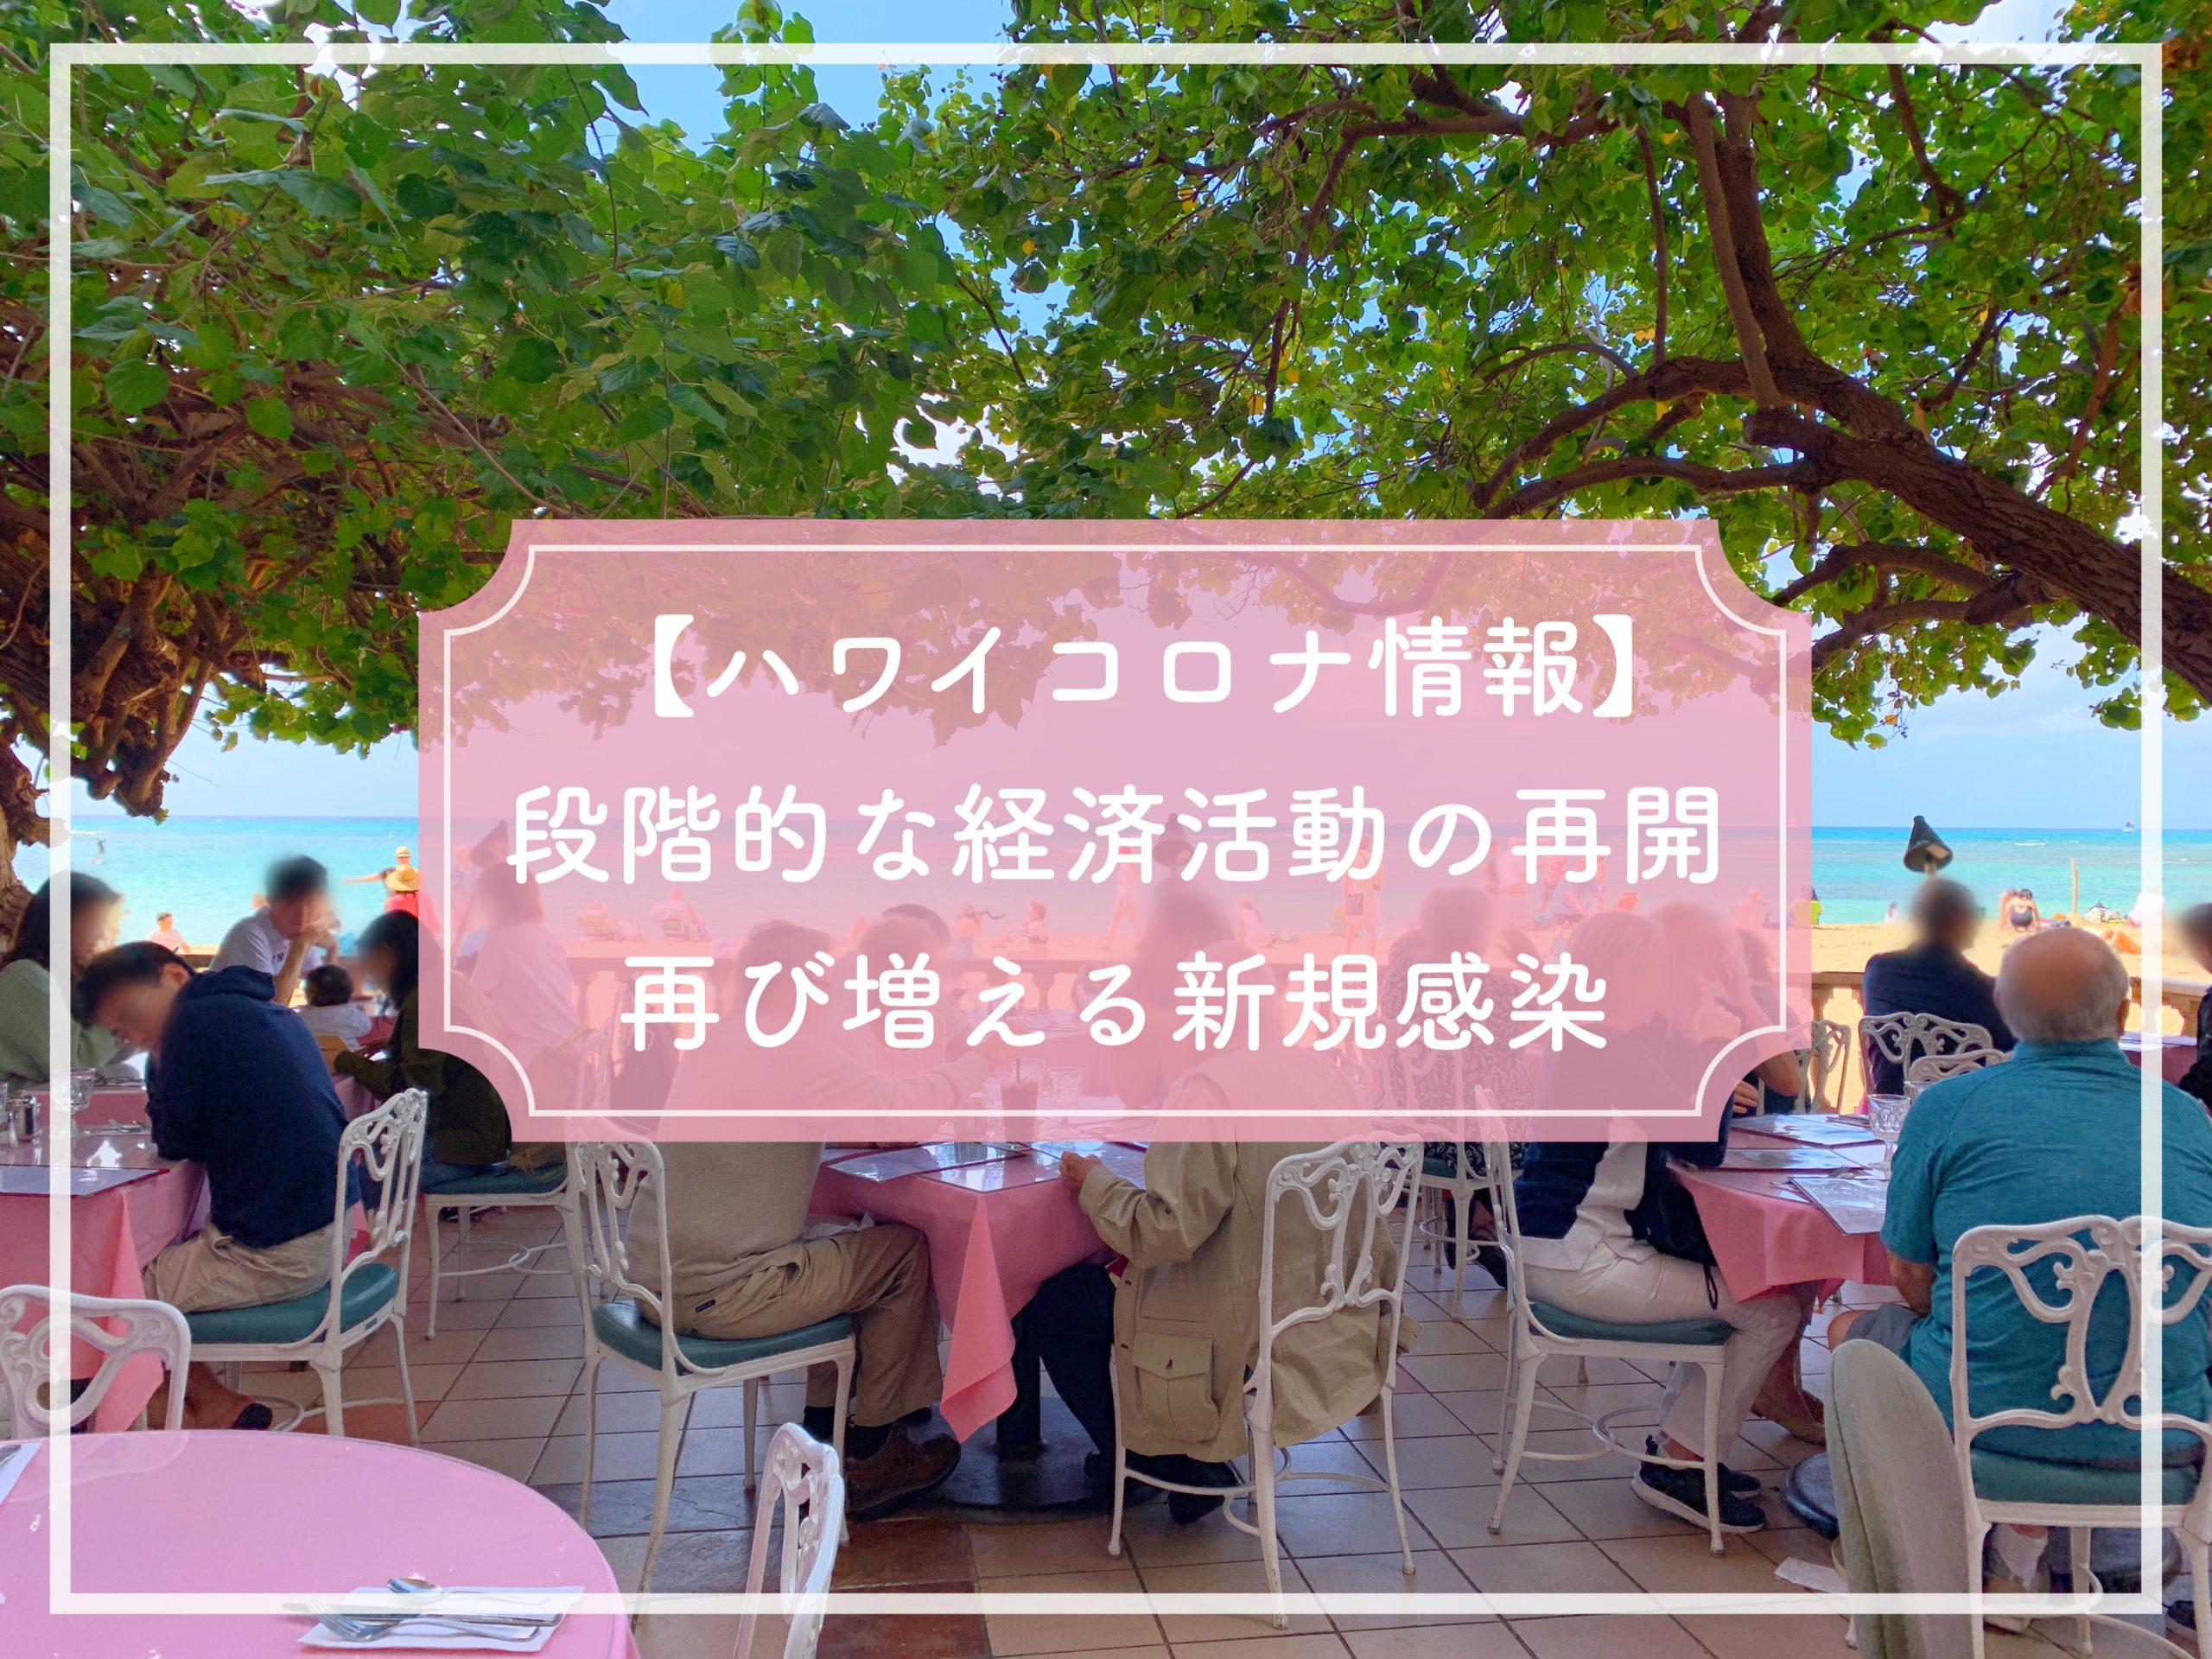 【ハワイコロナ情報】段階的な経済活動の再開 再び増える新規感染